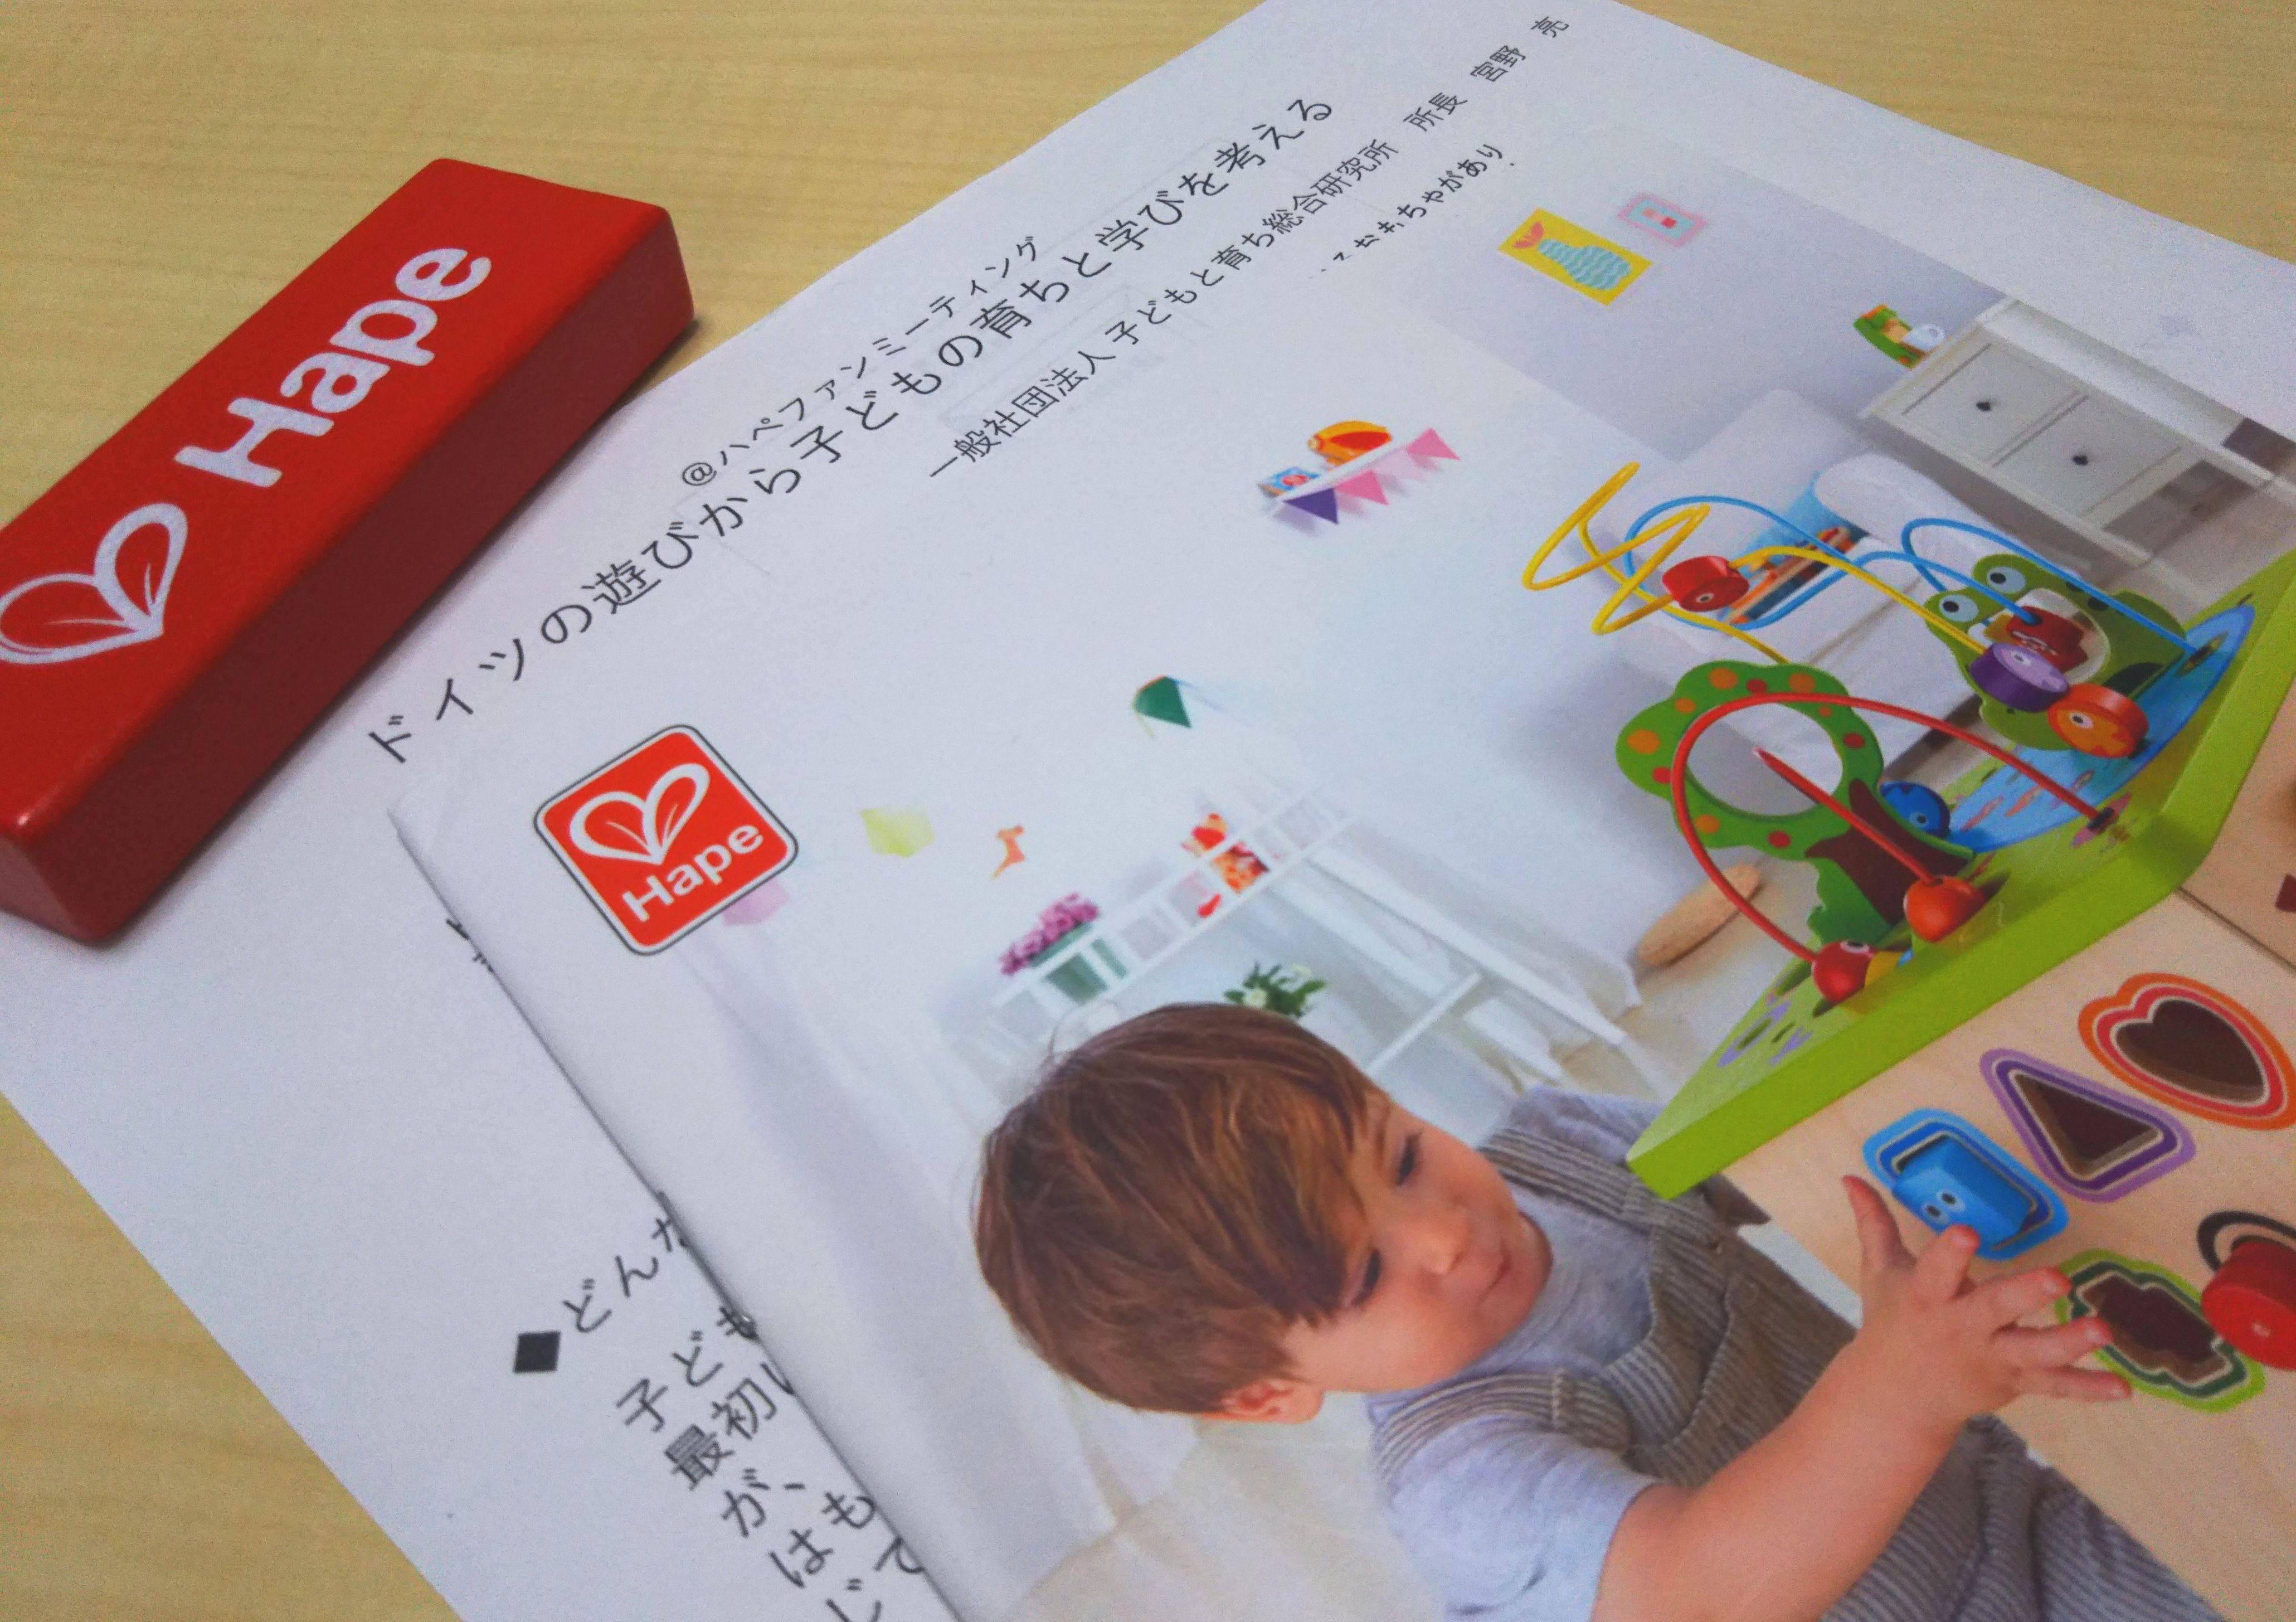 赤ちゃんの遊び・おもちゃの与え方で大事なことをHape(ハペ)社イベントで聞きました。